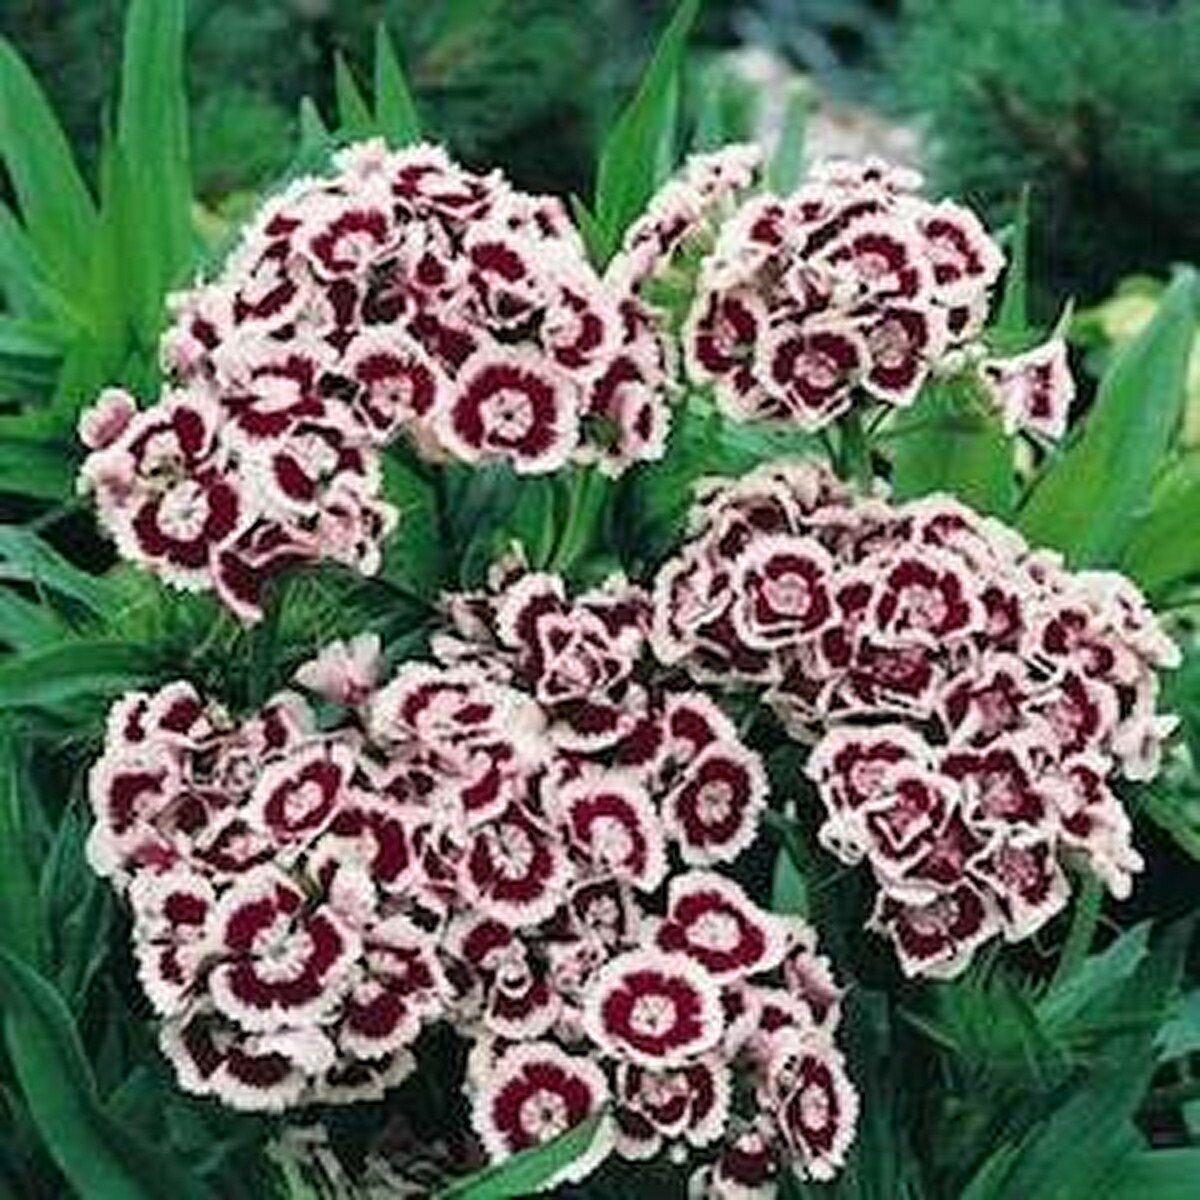 Kolokolo Store Dianthus Holborn 200 Seeds BOGO 50% off SALE